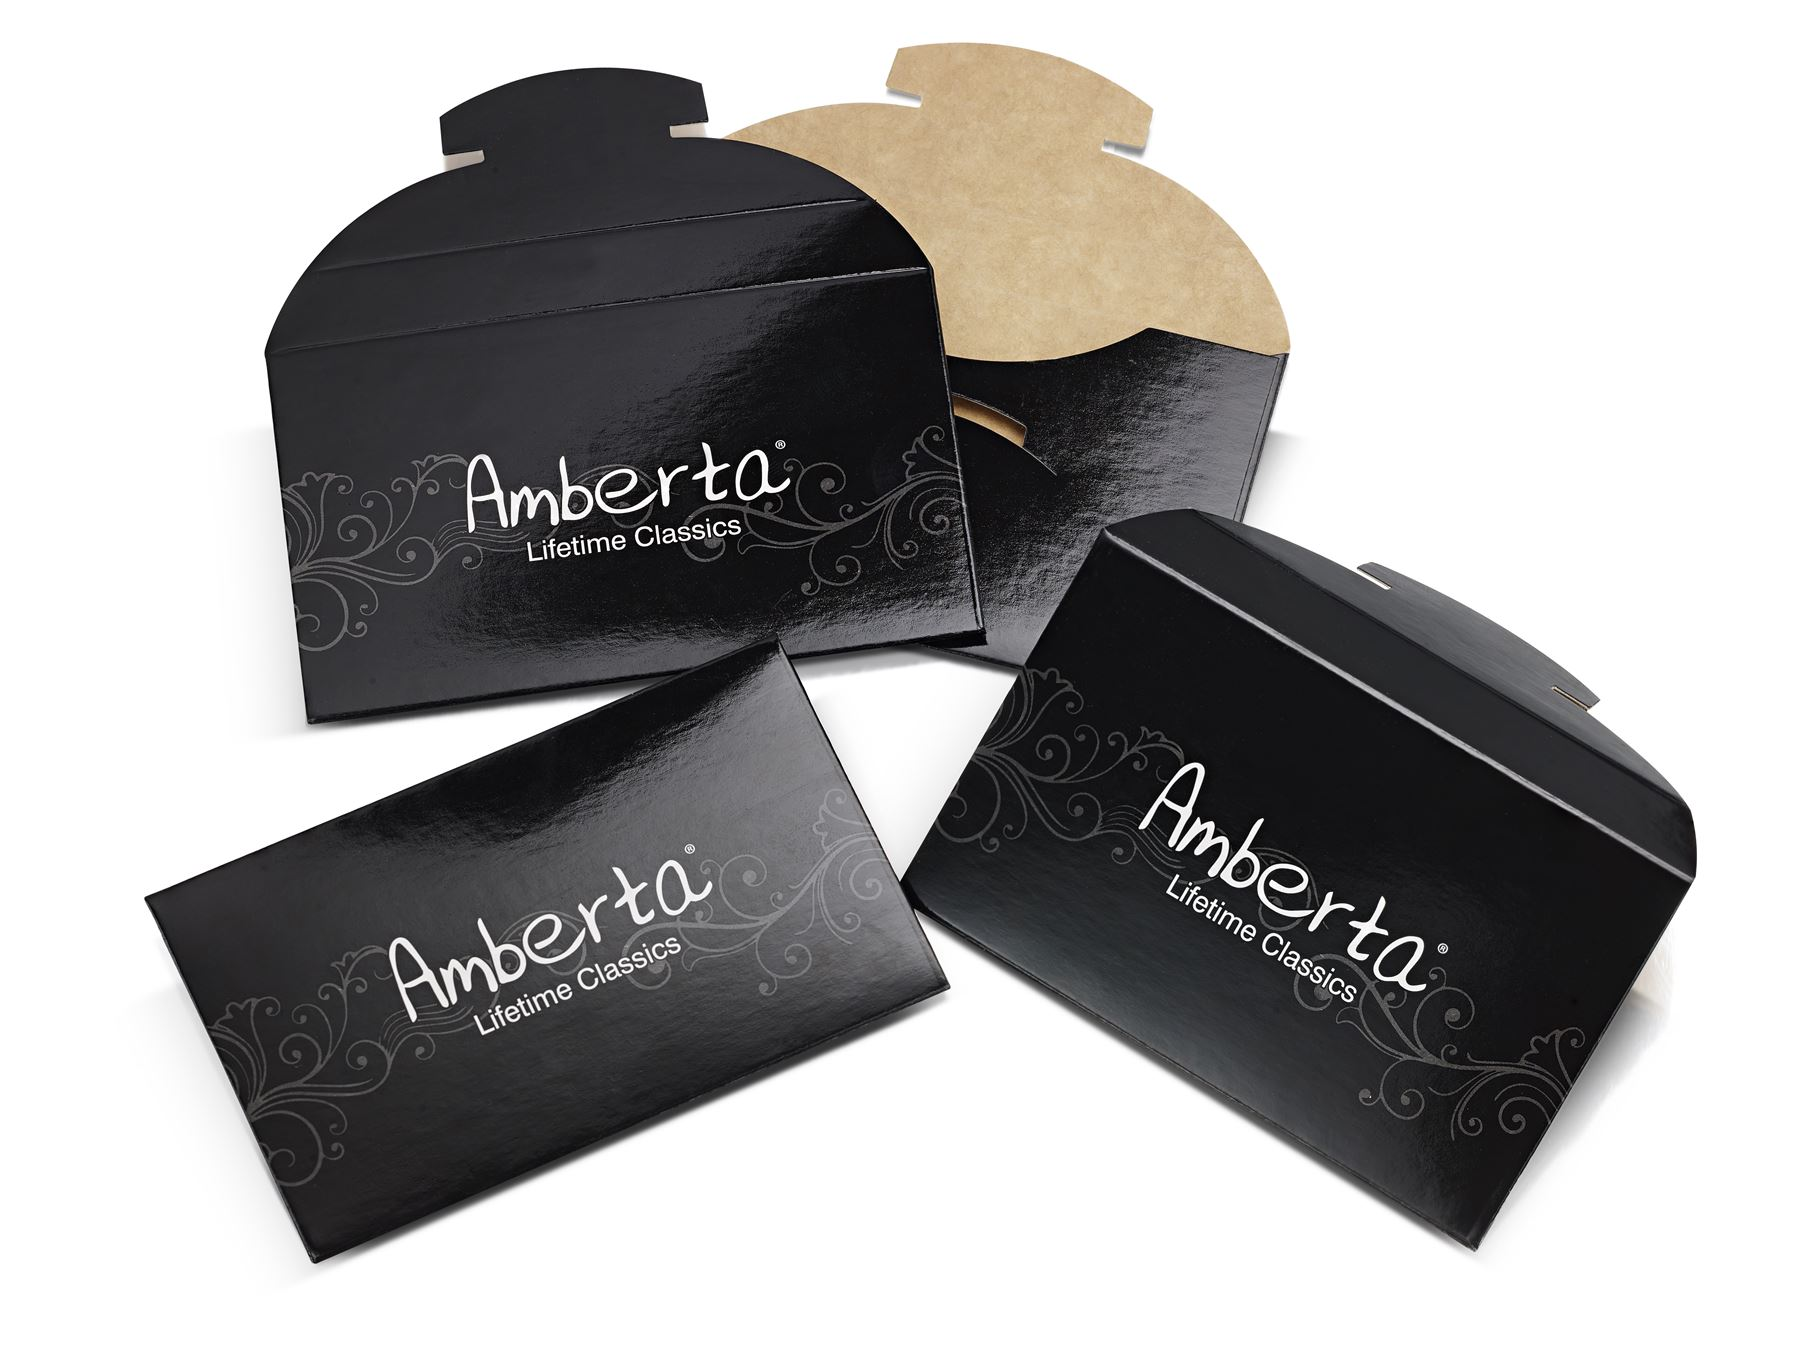 Amberta-Bijoux-Bracelet-en-Vrai-Argent-Sterling-925-Chaine-pour-Femme-a-la-Mode thumbnail 61